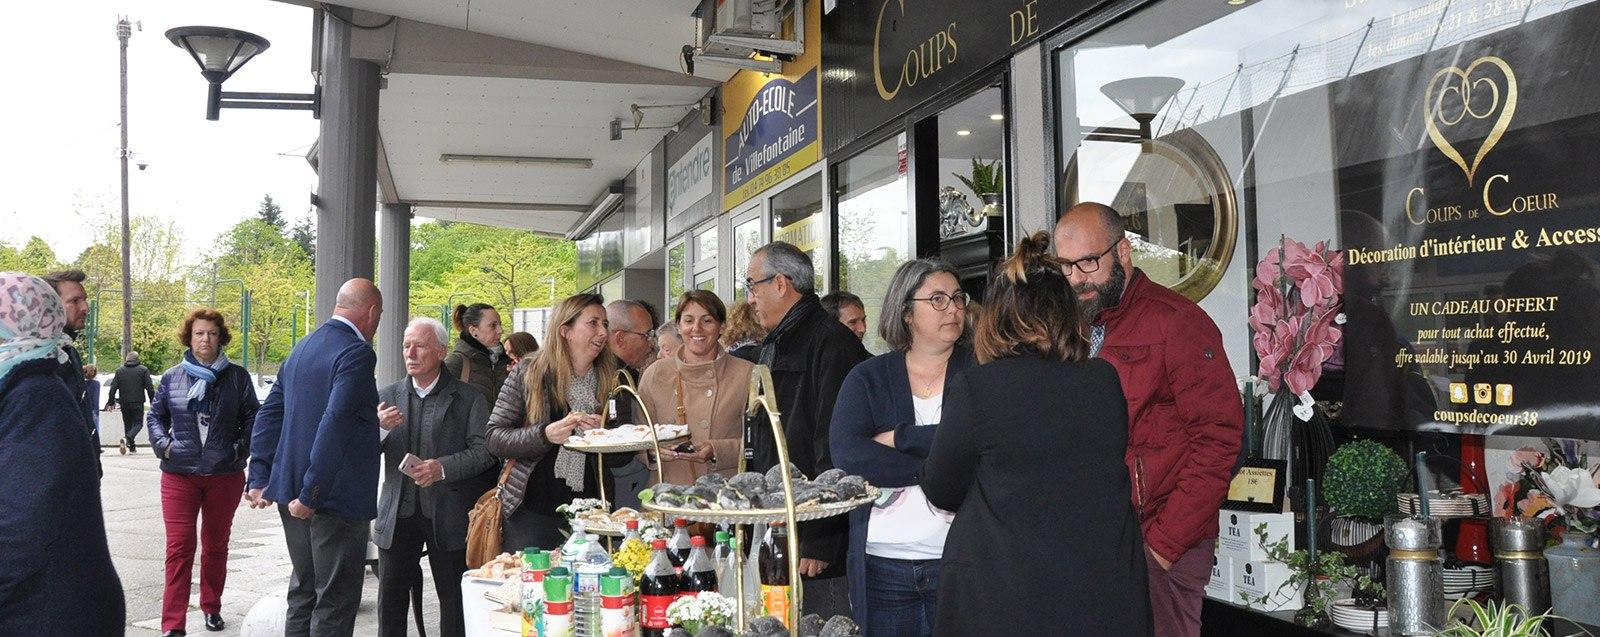 Boutique à l'essai Isère Villefontaine